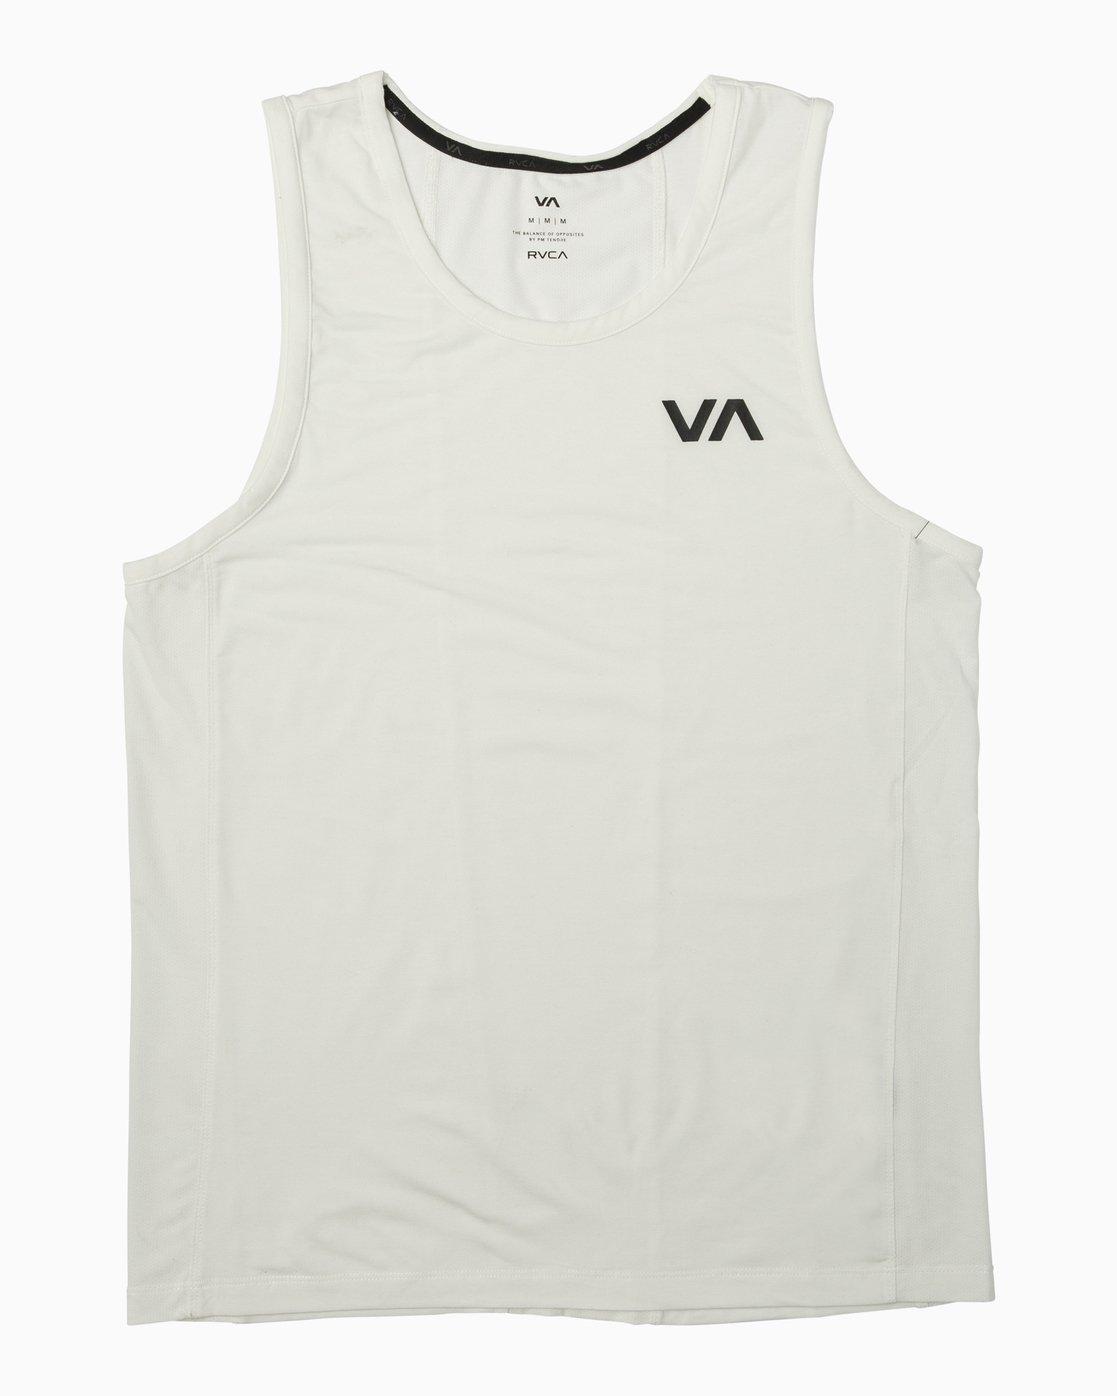 0 VA Vent Tank Top  V905QRVT RVCA